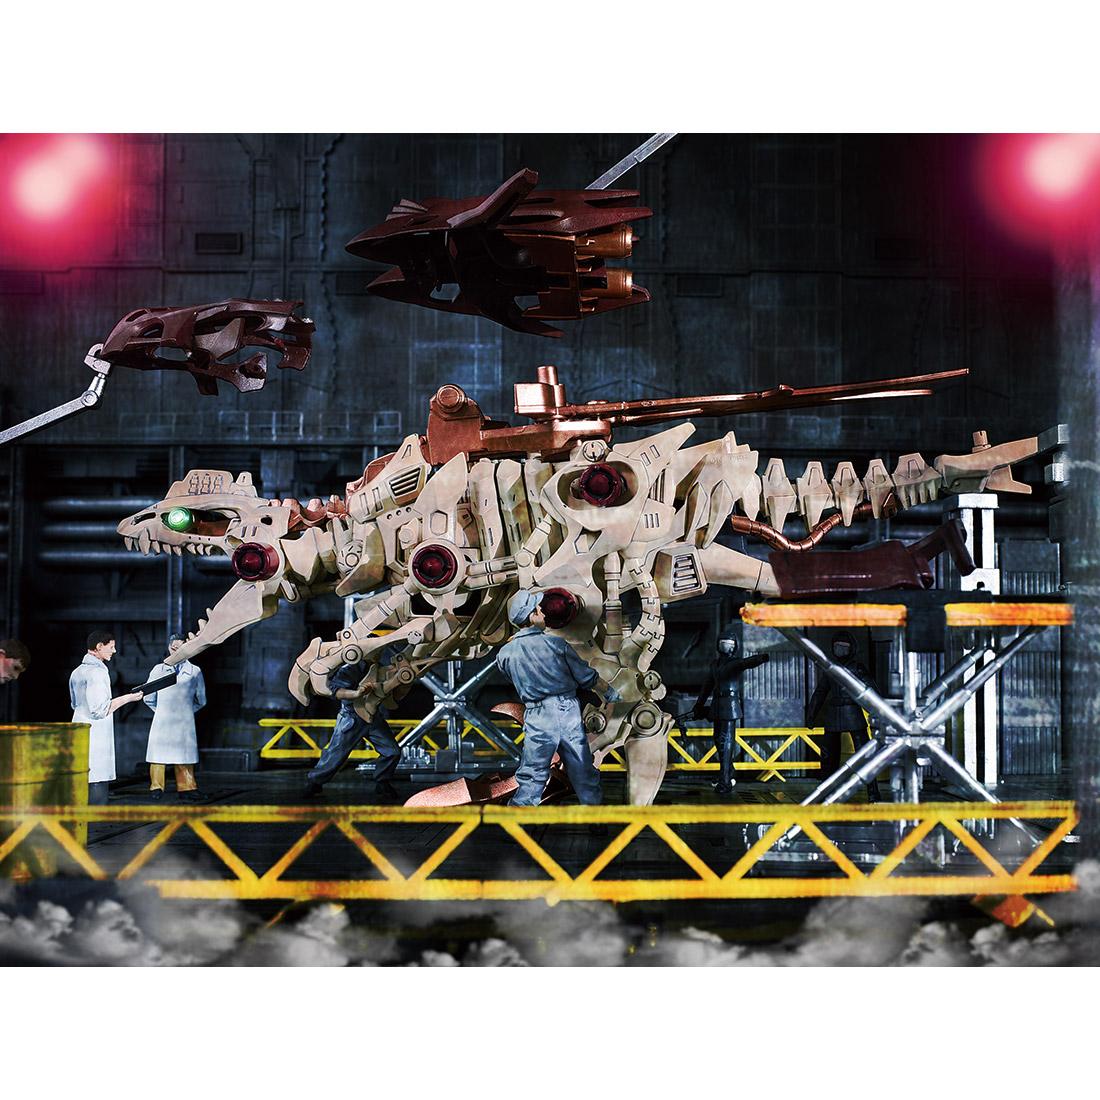 【恐竜博2019開催記念】ゾイドワイルド『ギルラプター レアボーンver.』組み立てキット-007